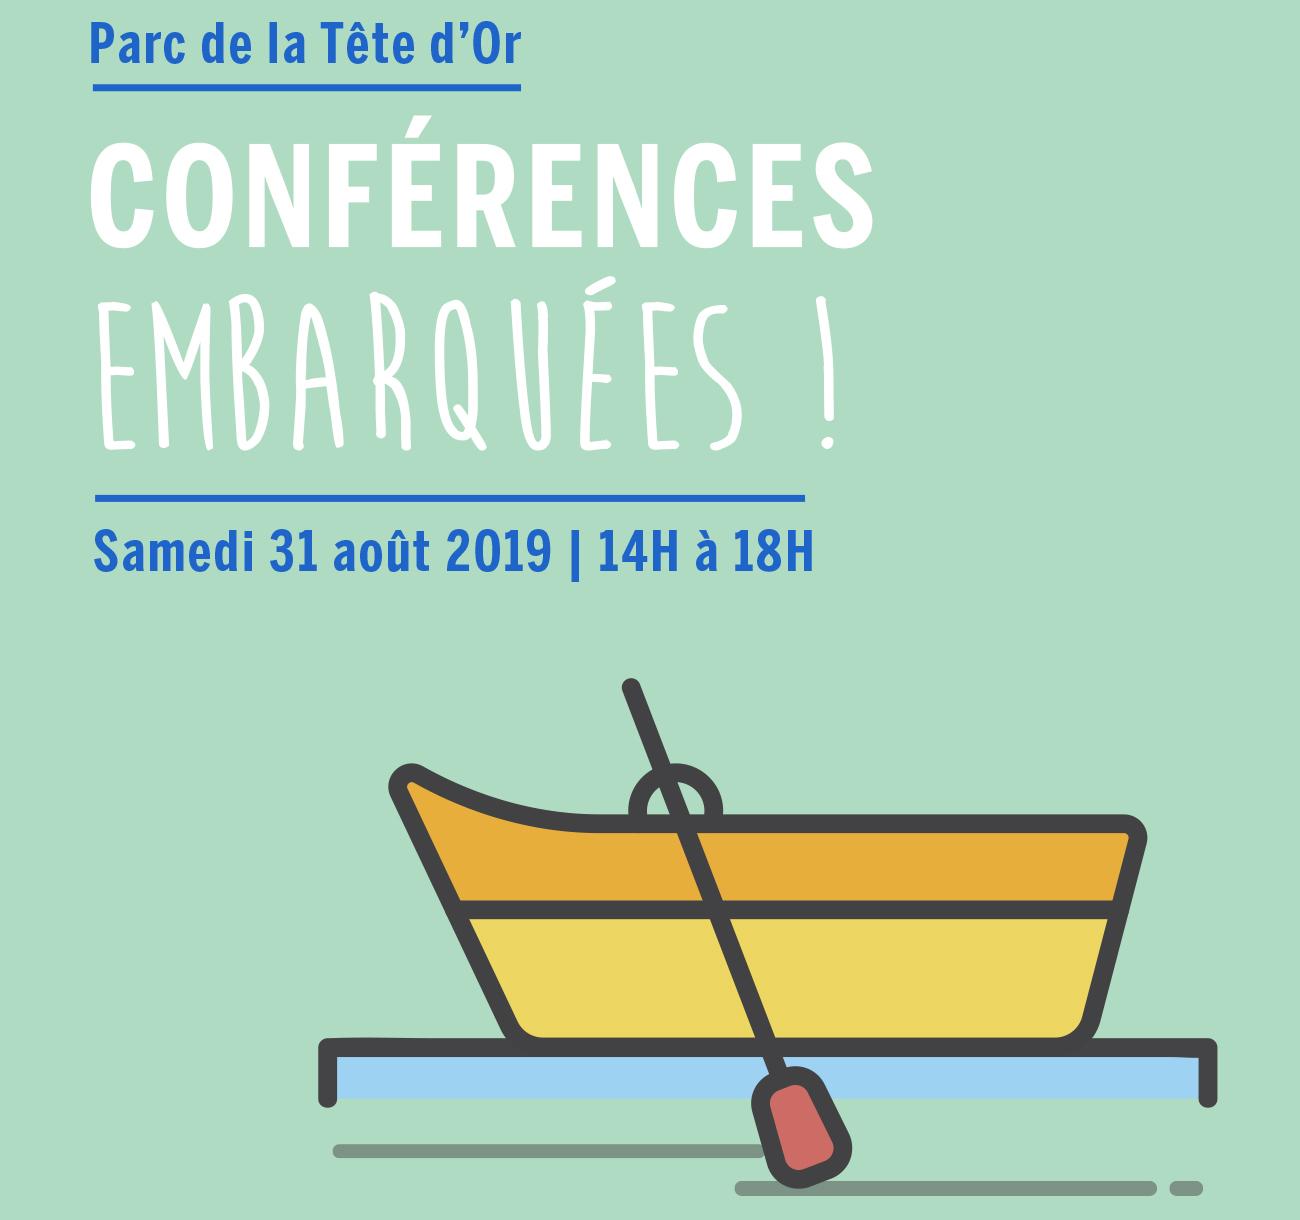 Conférences embarquées